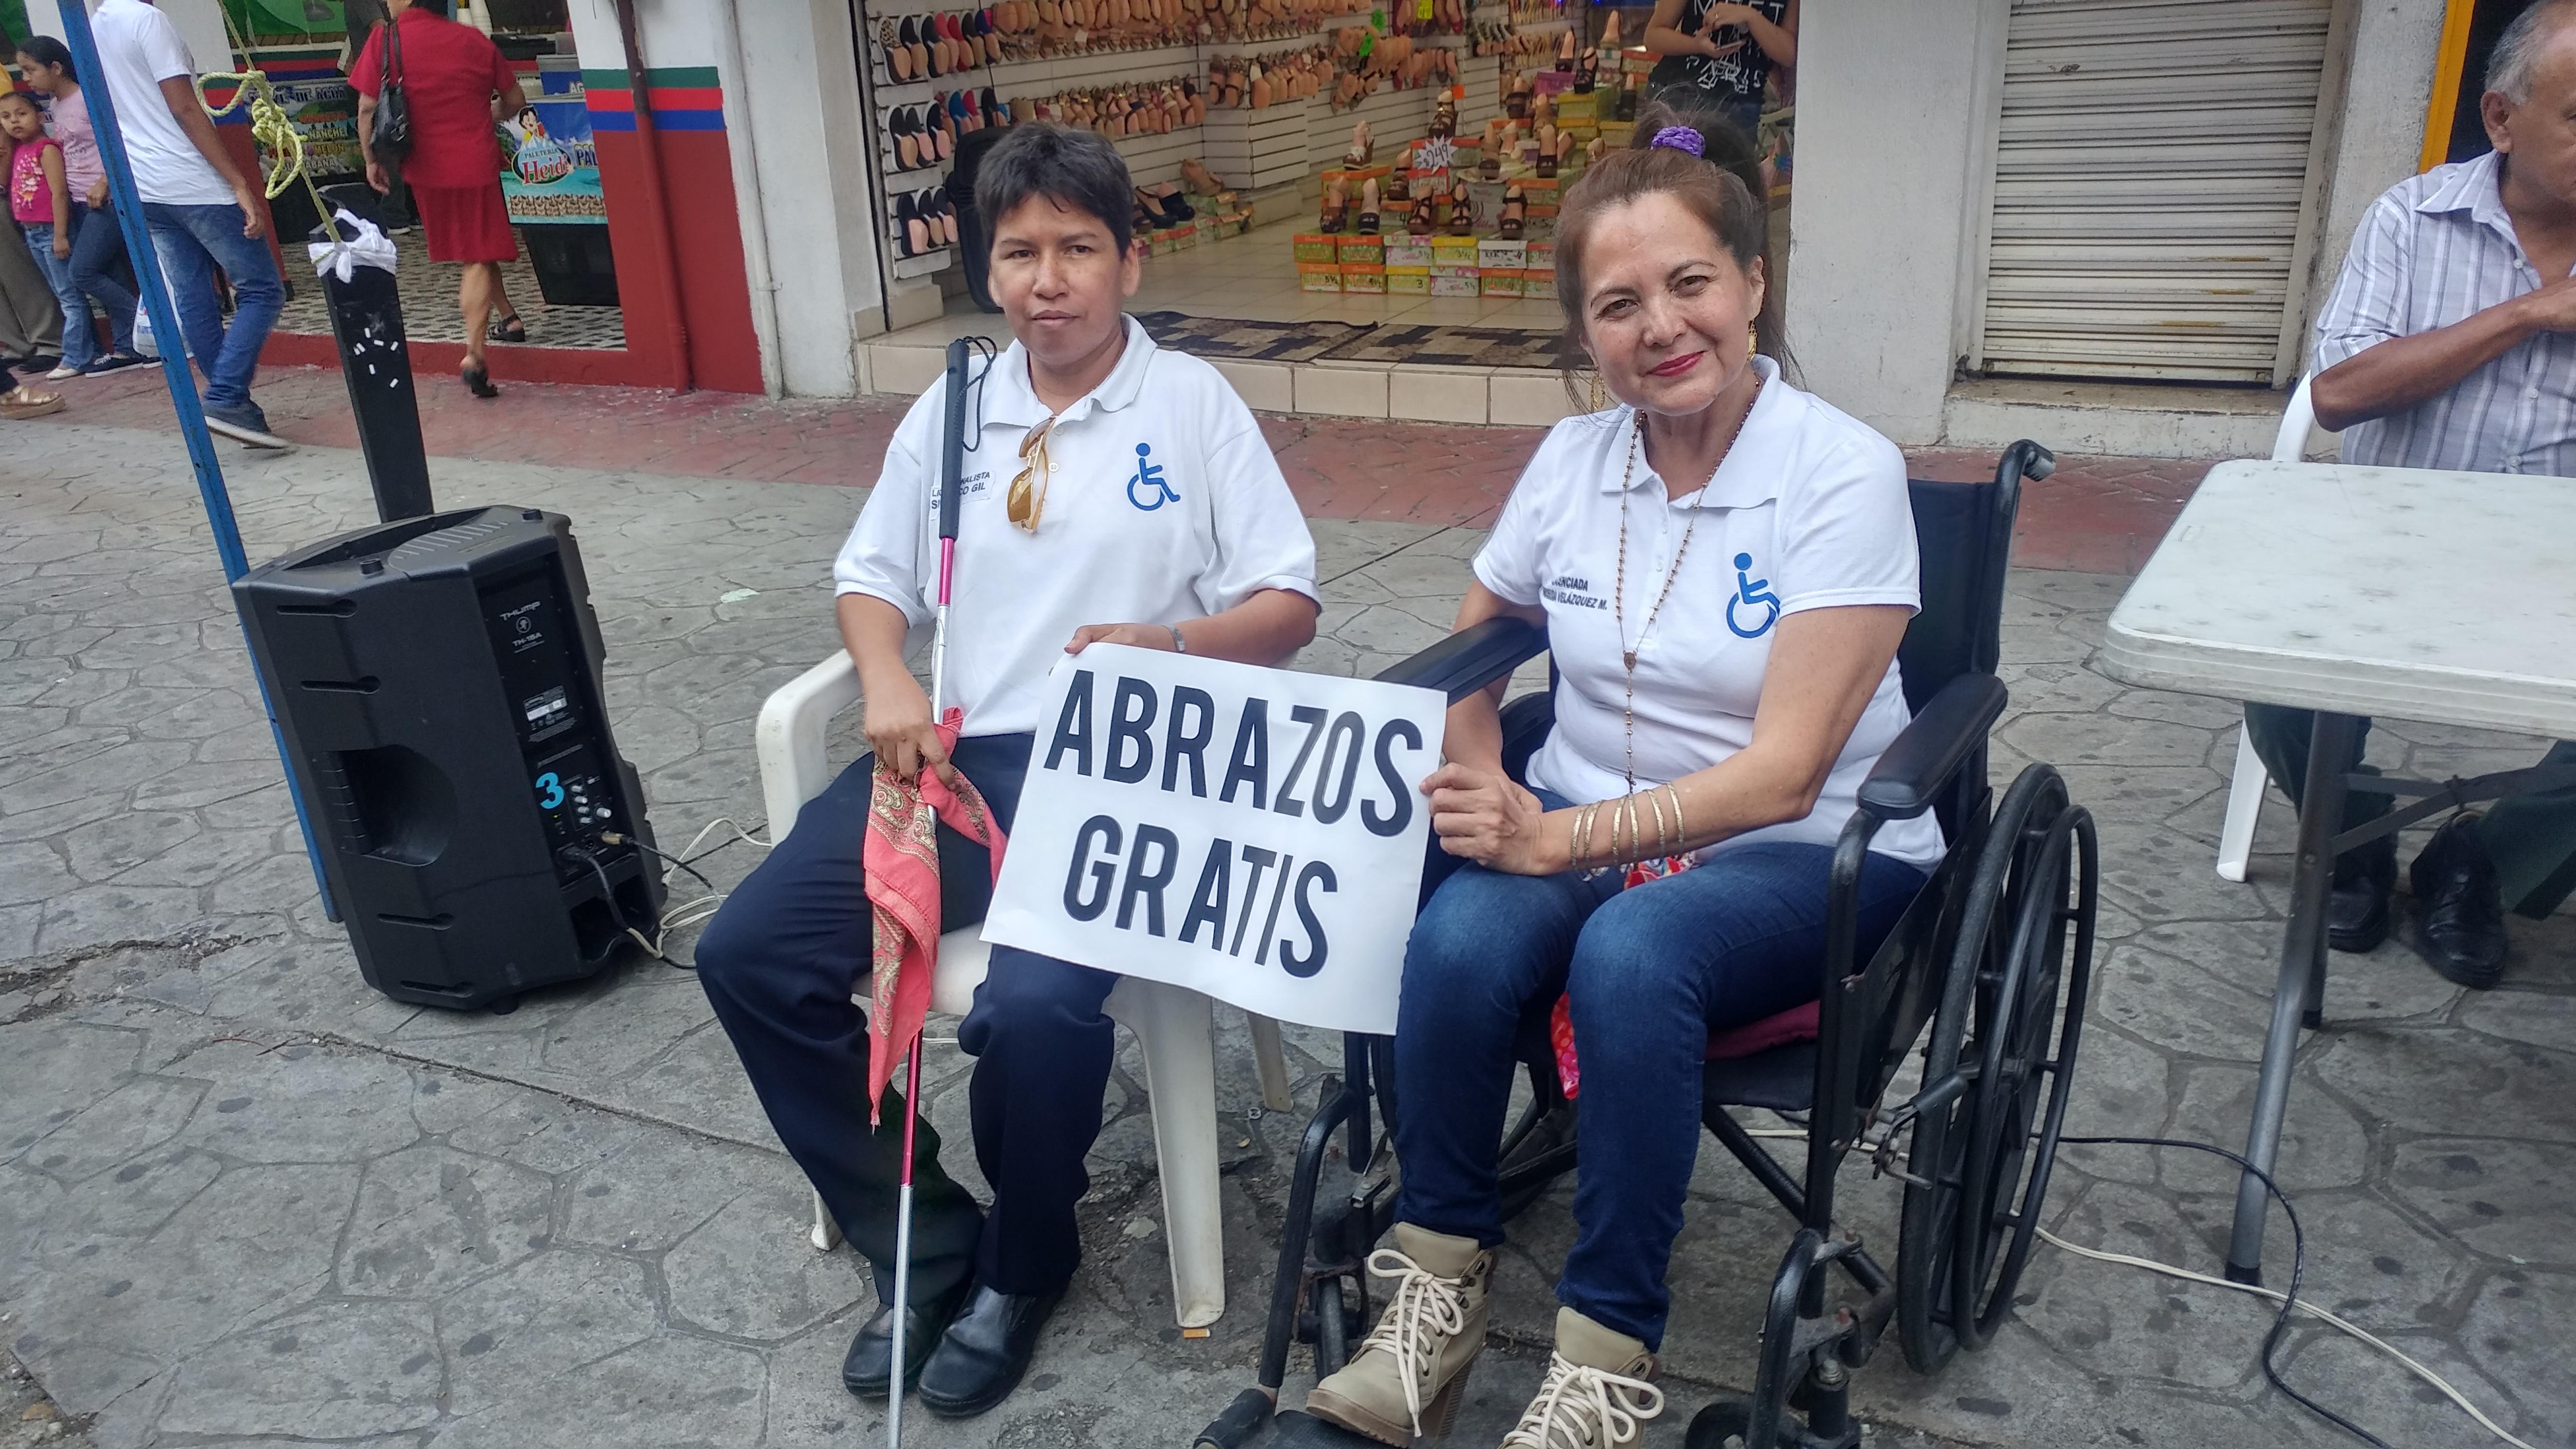 Con abrazos gratis recuerdan el Día del Discapacitado en Minatitlán